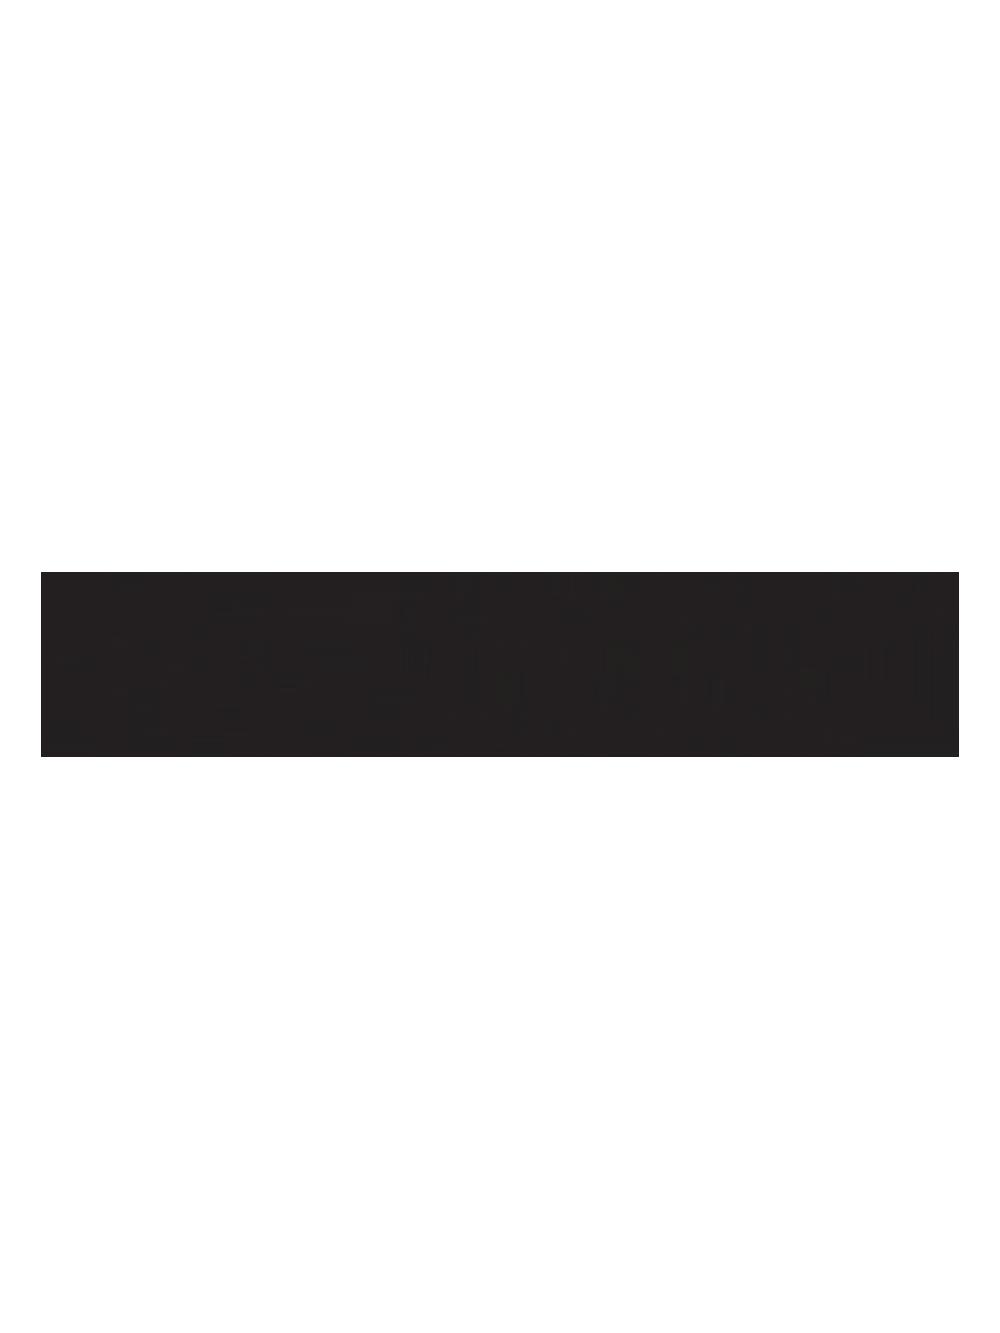 john-wardle_1000x1333.png